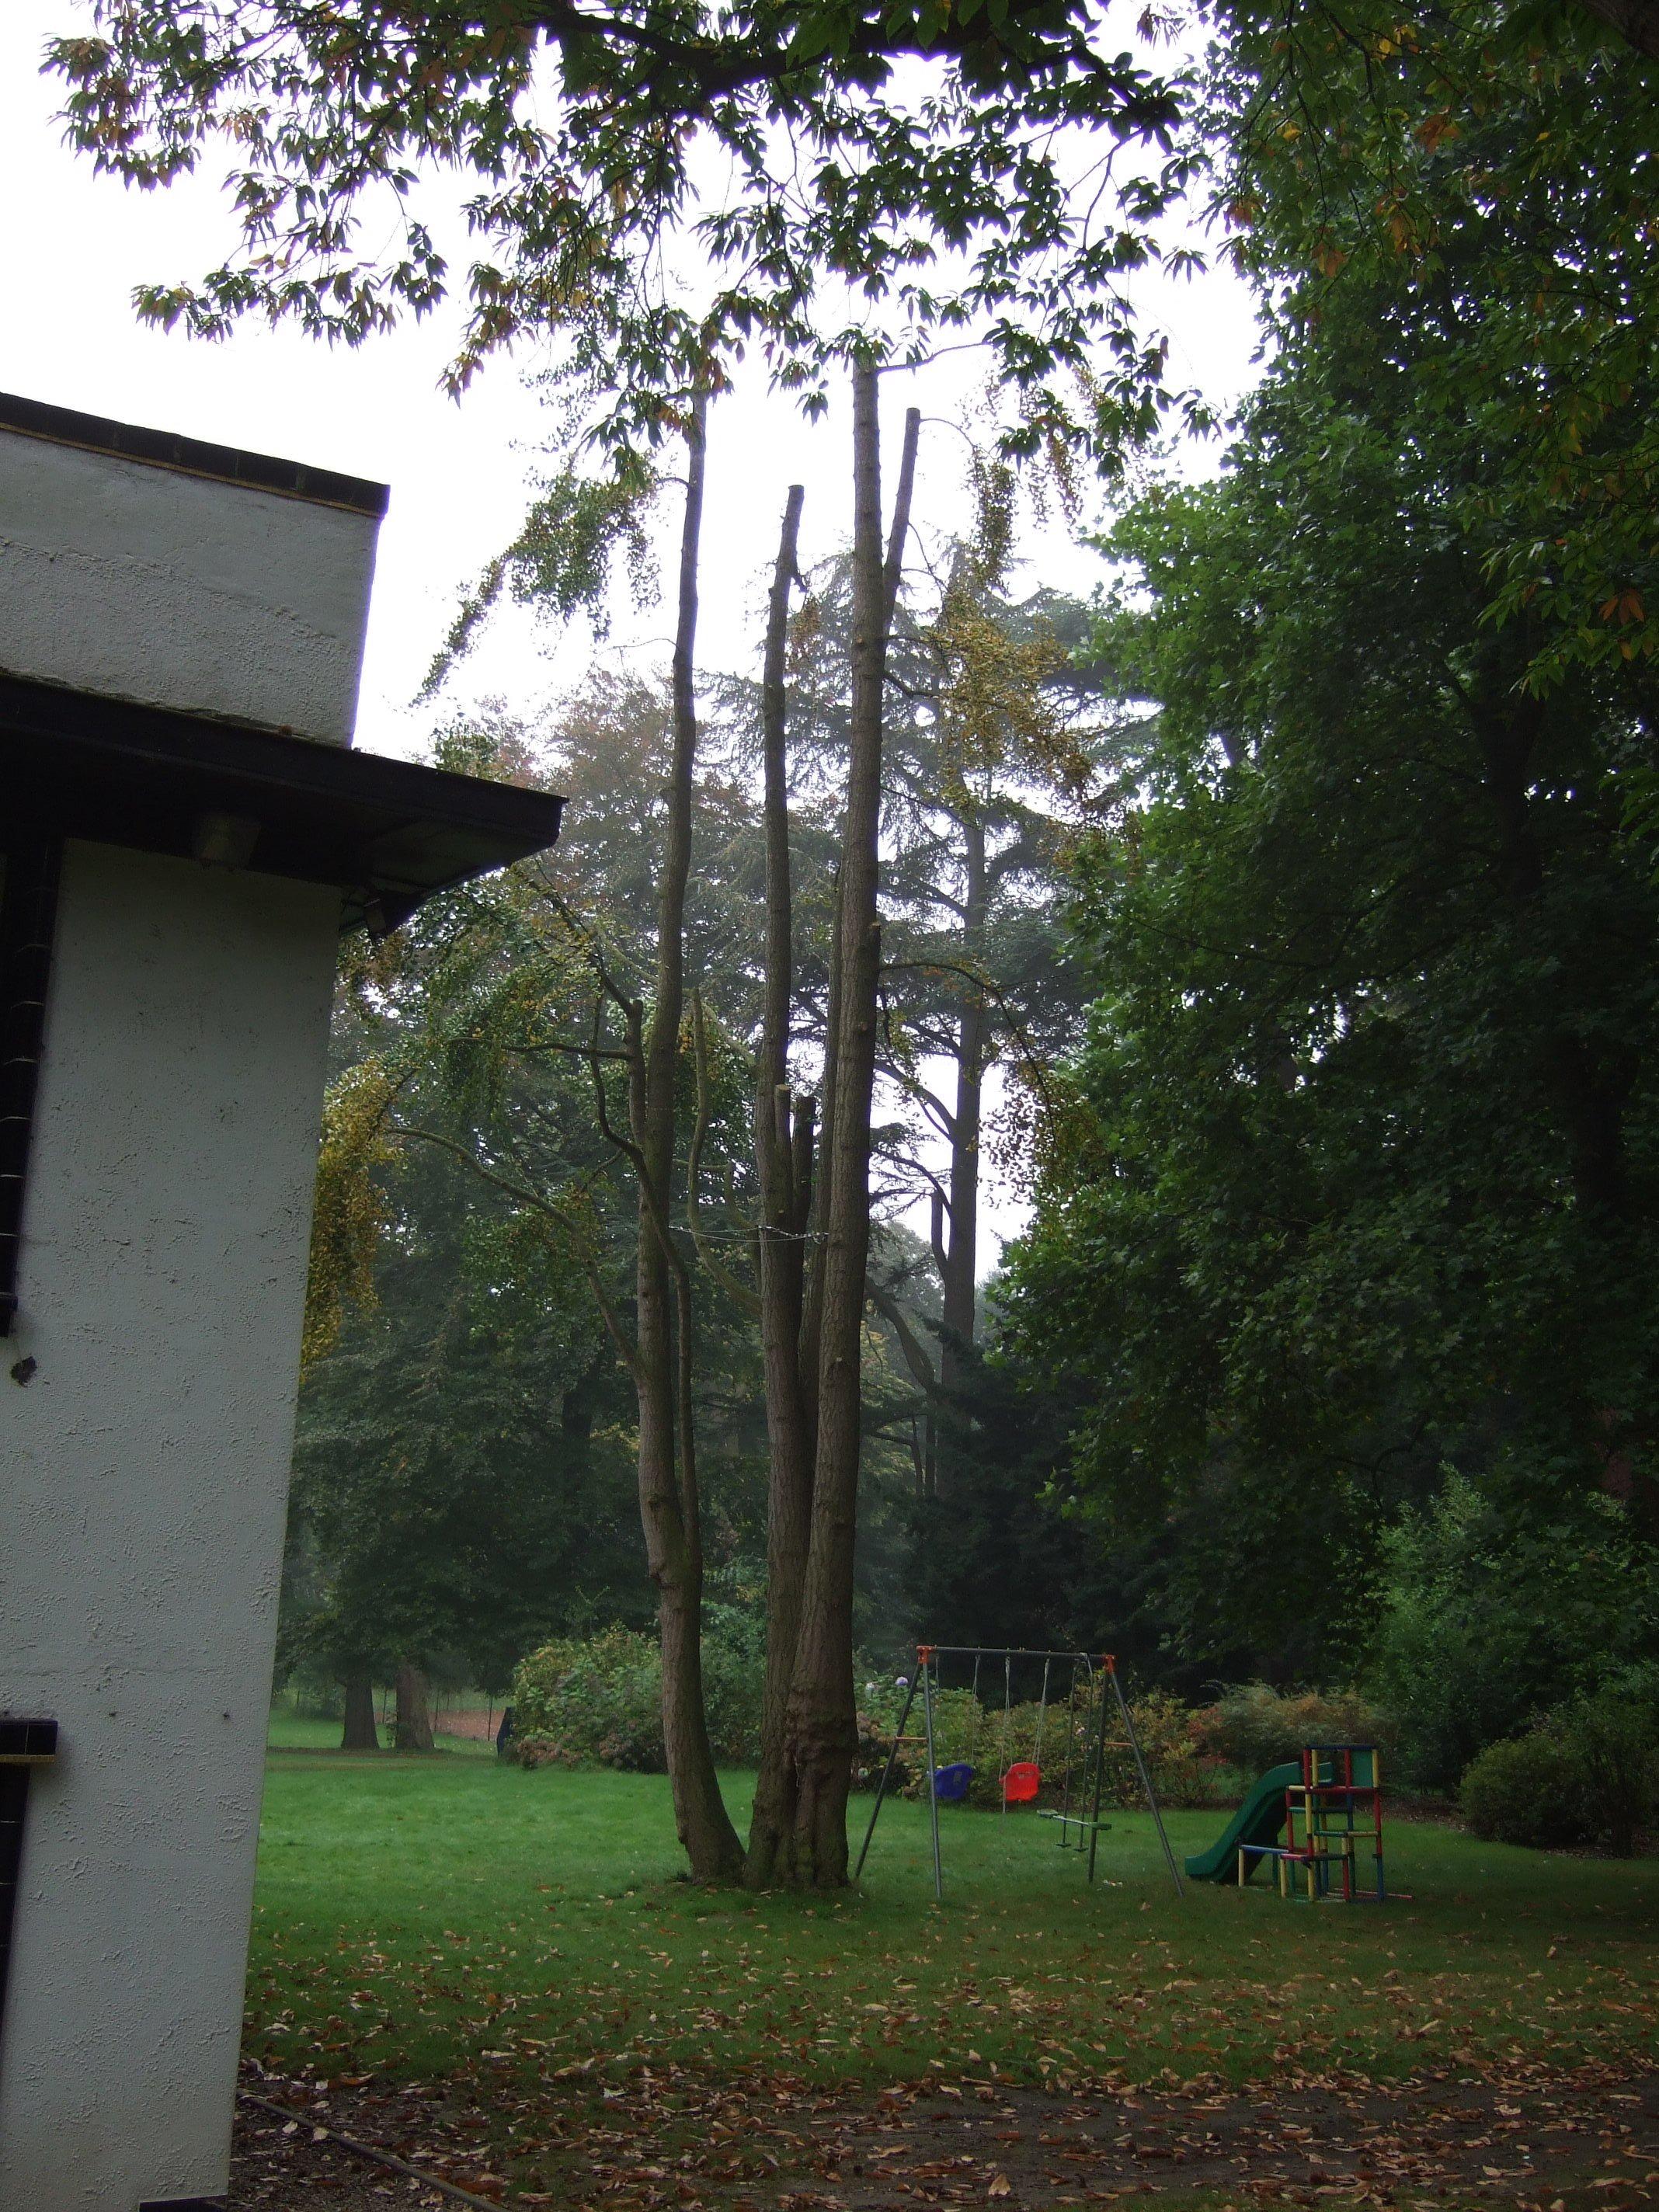 Arbre aux quarante écus – Jette, Parc Titeca, Drève de Dieleghem, 79 –  08 Octobre 2007